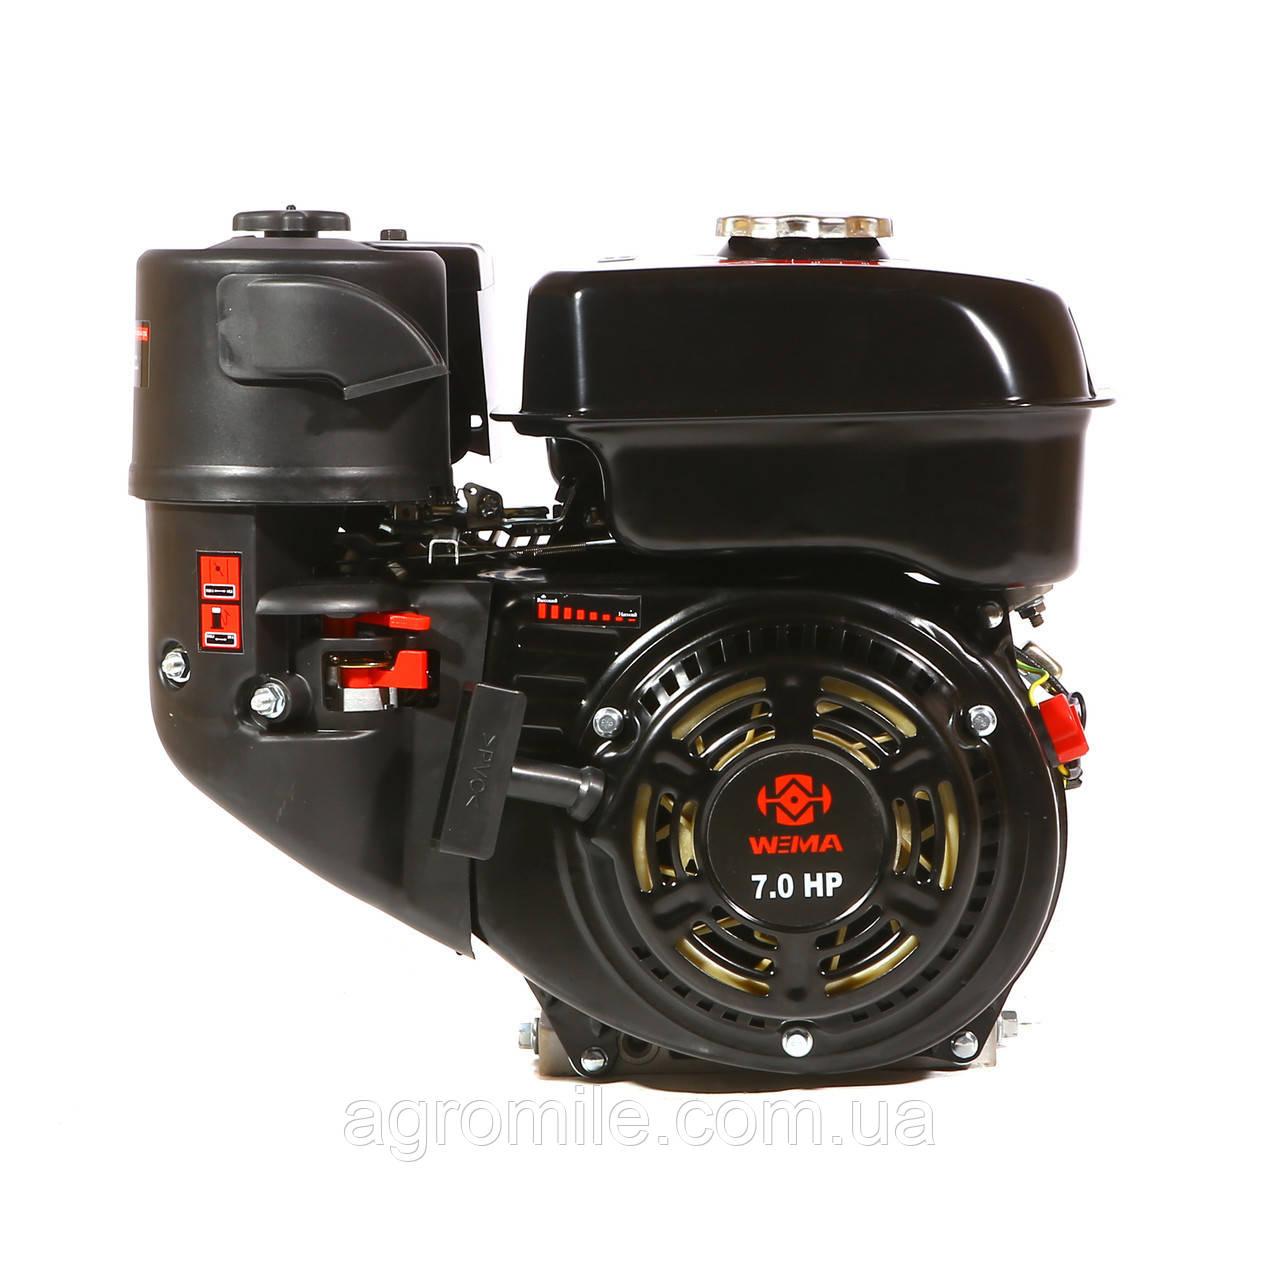 Двигатель бензиновый Weima WM170F-S New (HONDA GX210) (шпонка, вал 20 мм, 7.0 л.с.)